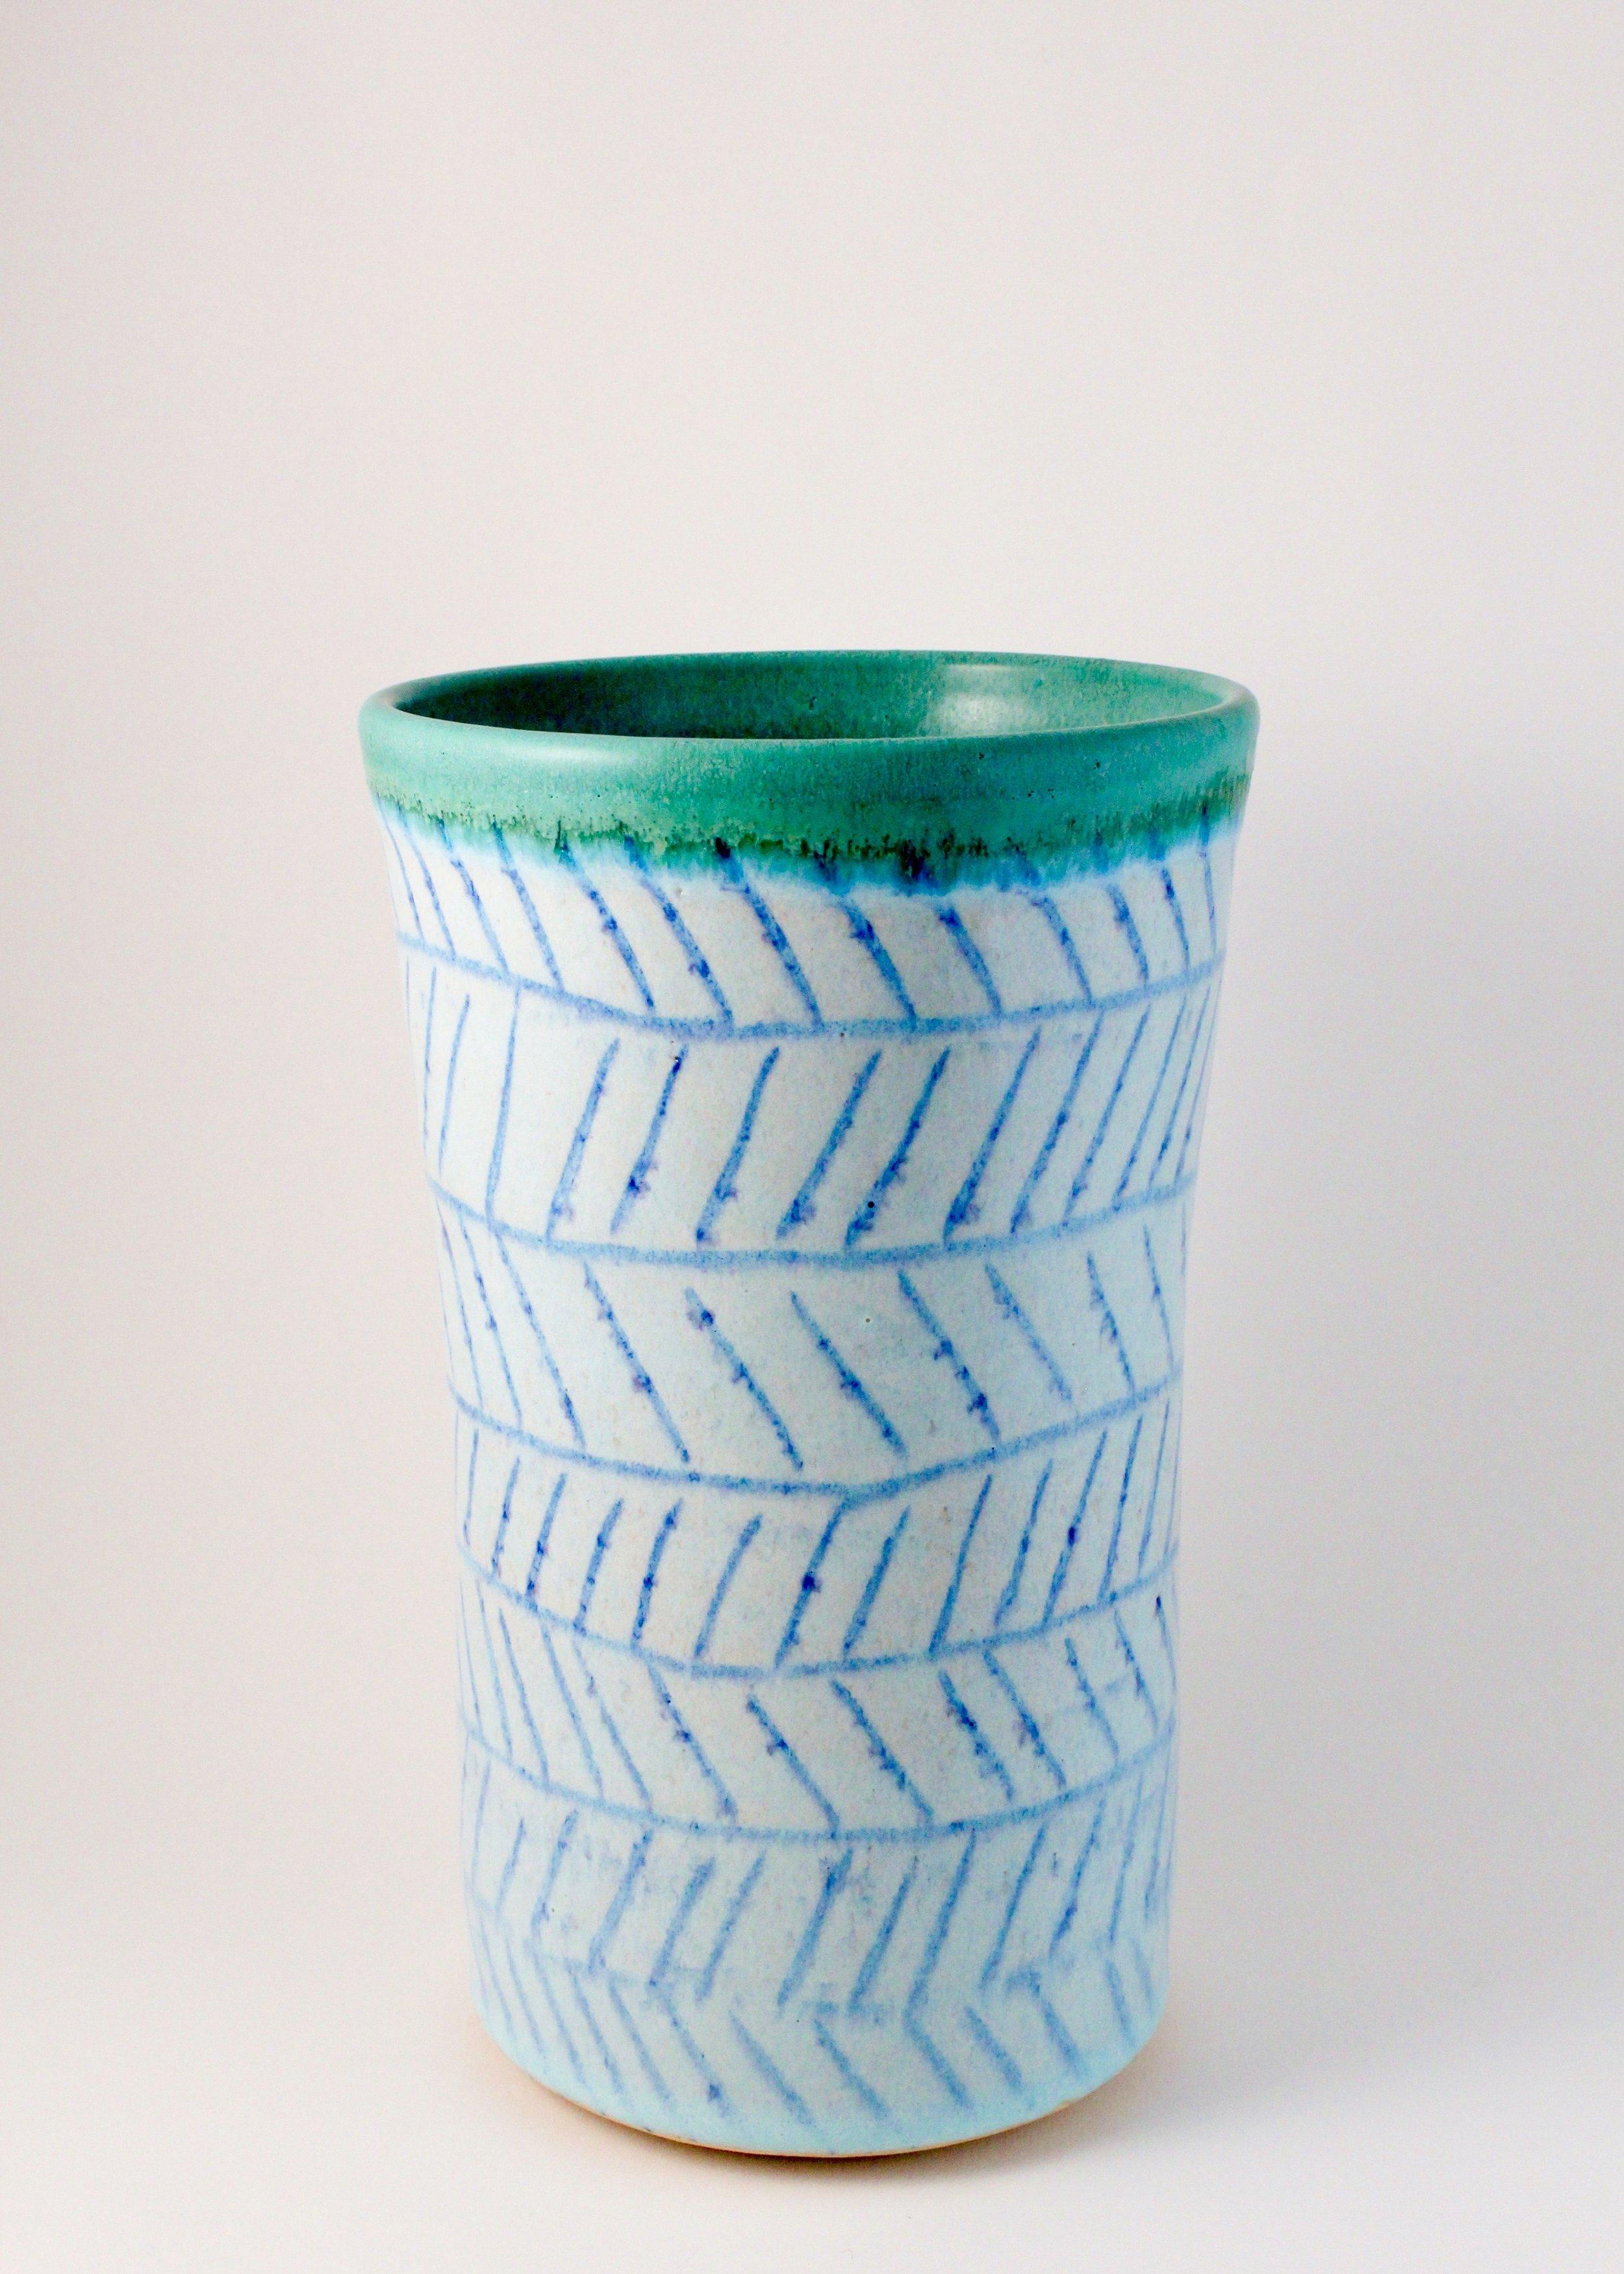 Vase, 2017